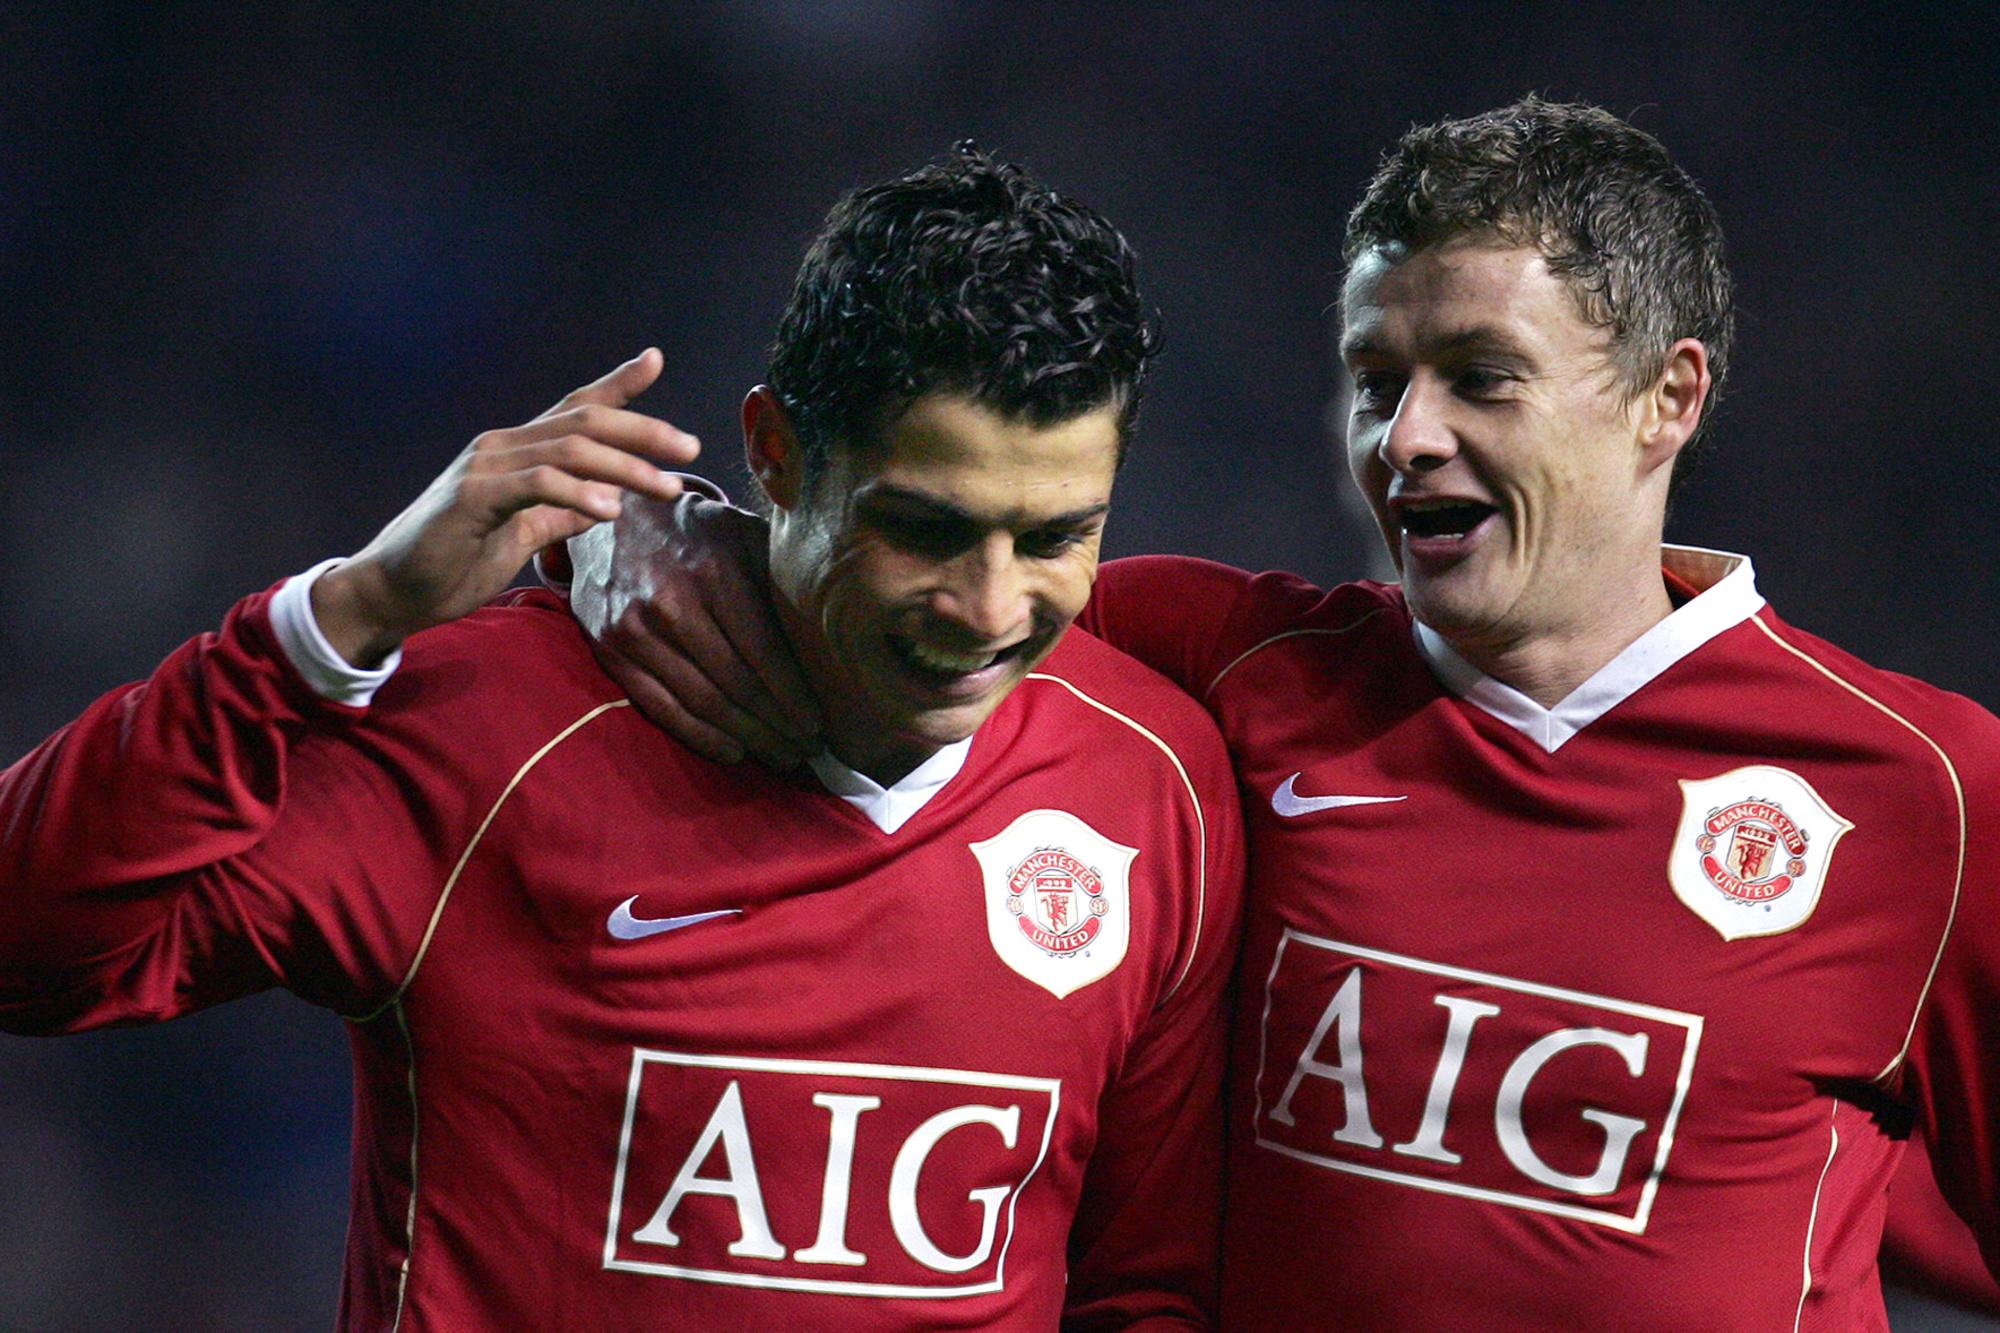 Cristiano Ronaldo et Ole Gunnar Solskjaer étaient encore équipiers sur le terrain lors du premier passage de CR7 à Old Trafford. Désormais, le Norvégien sera son entraîneur., belga